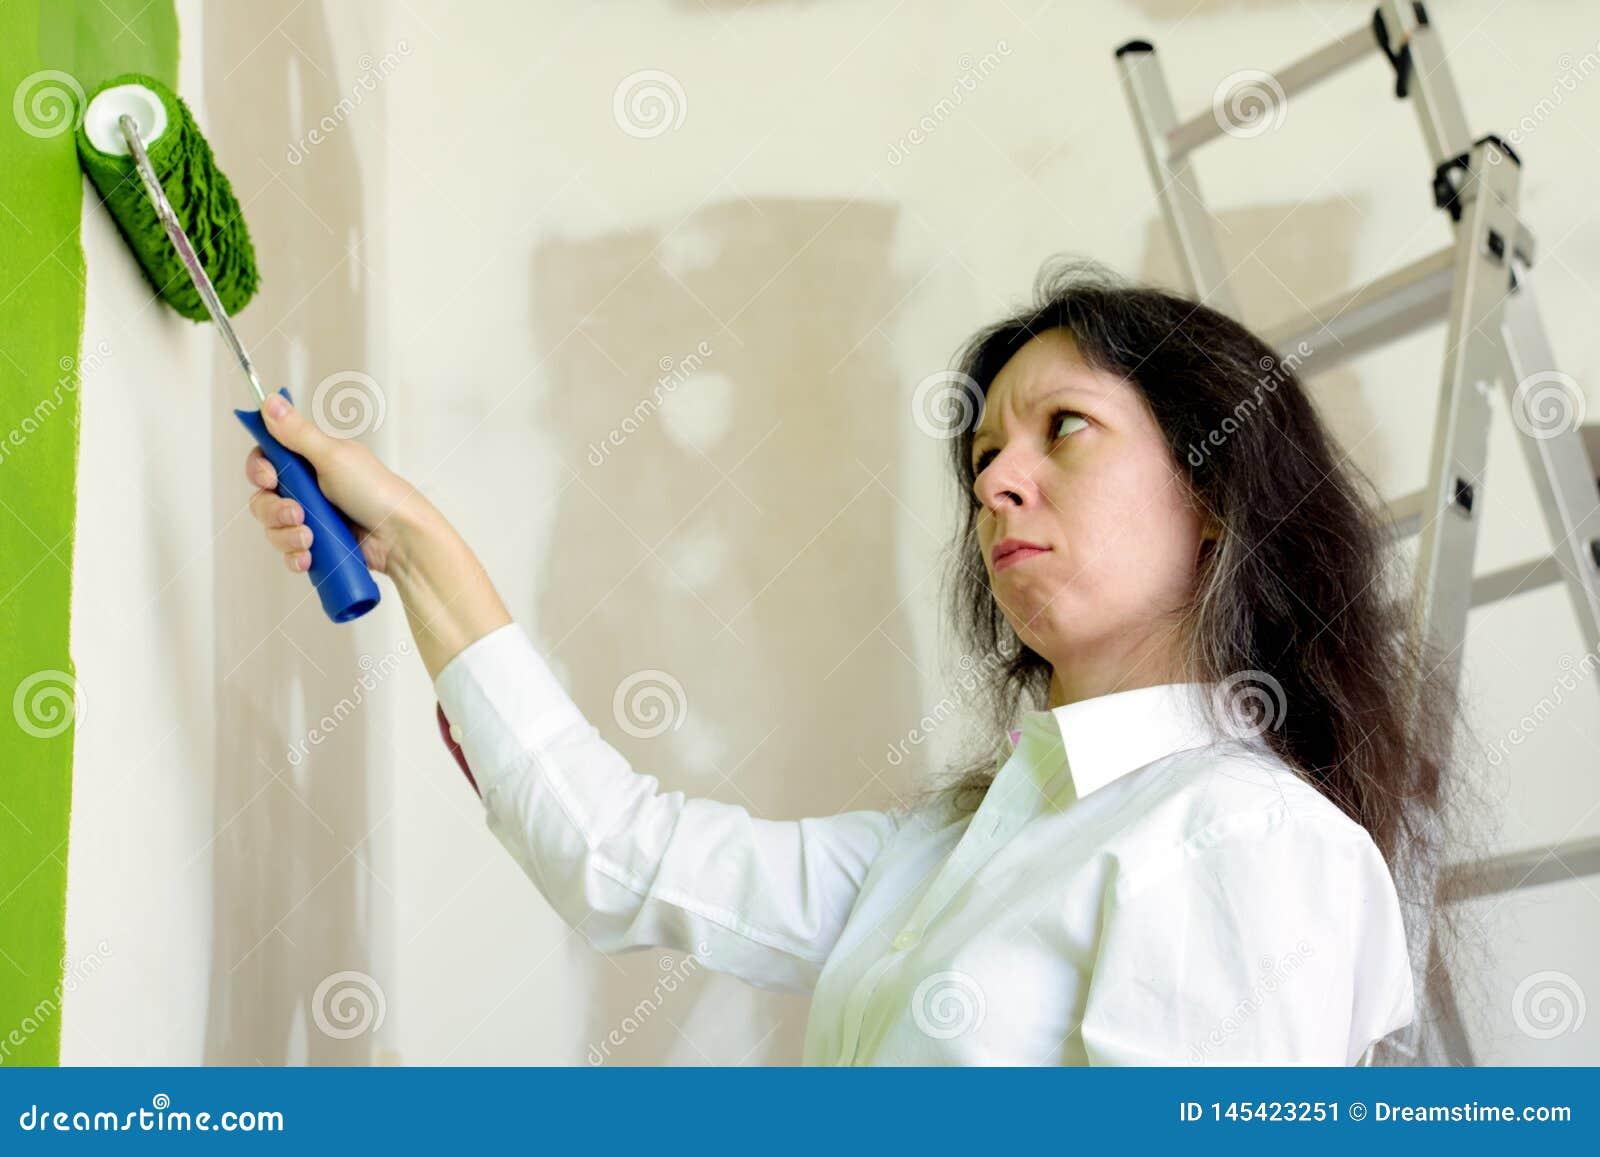 白色衬衫翻倒的年轻女人与被绘的墙壁的绿色